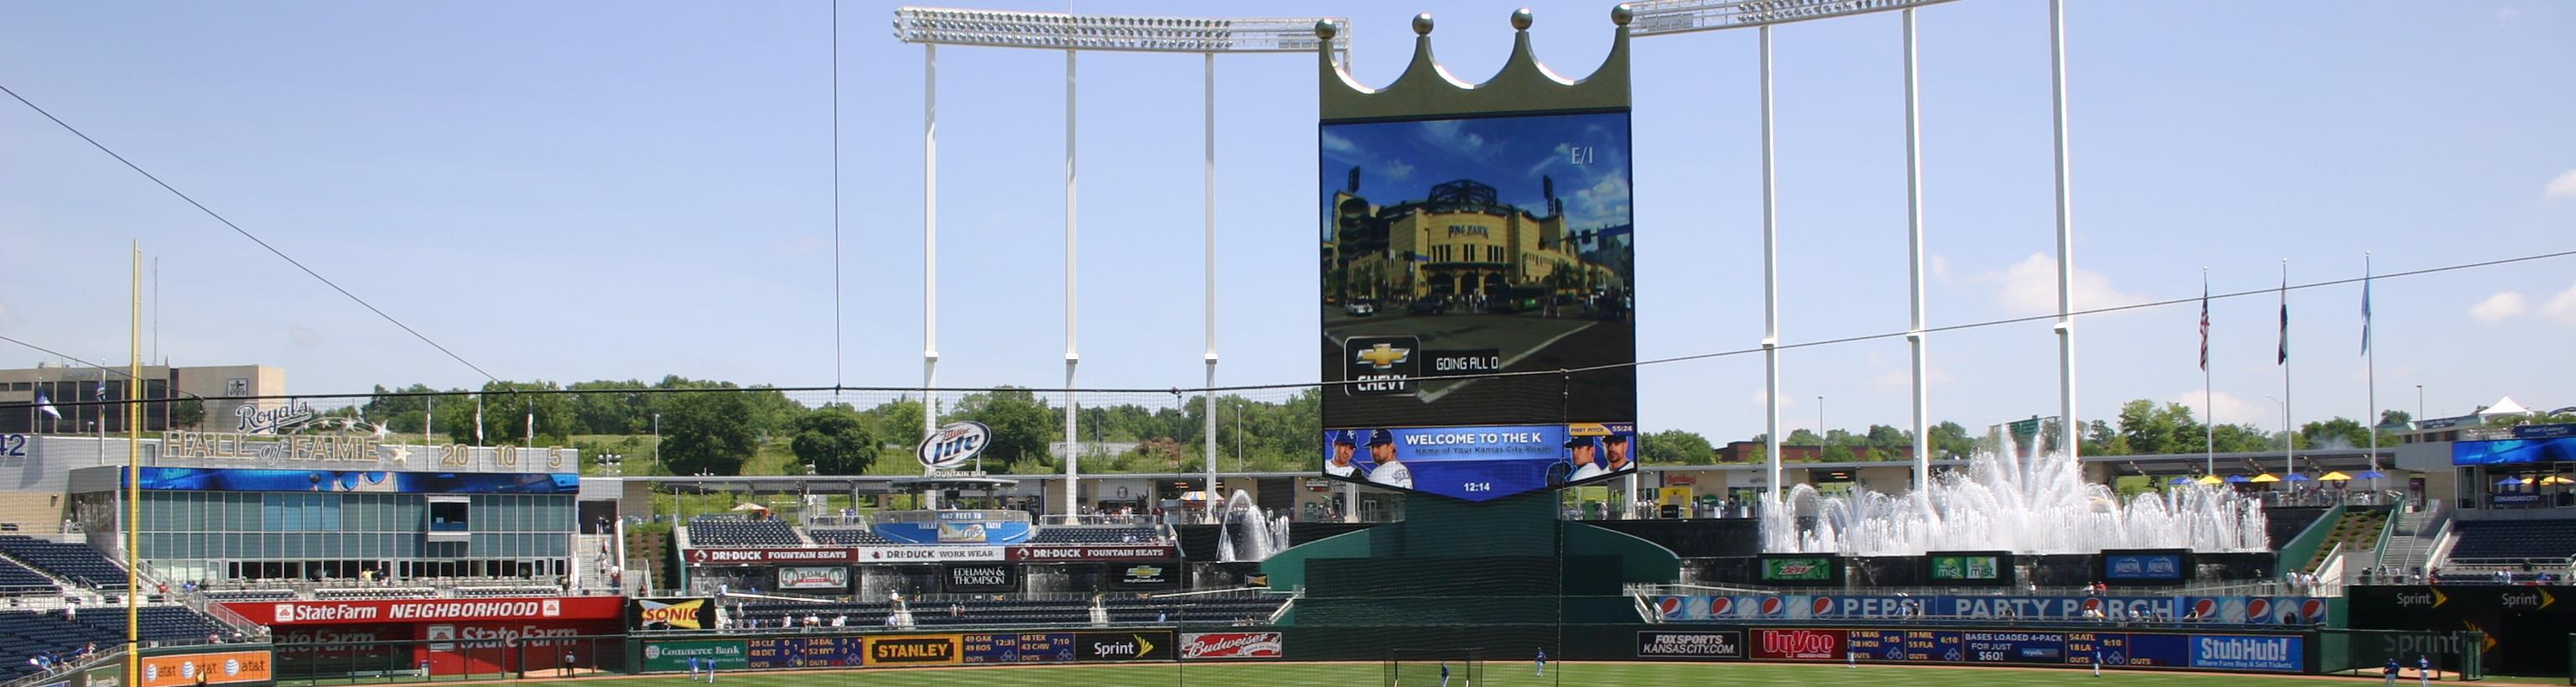 Kauffman Stadium,Royals,baseball vacation packages